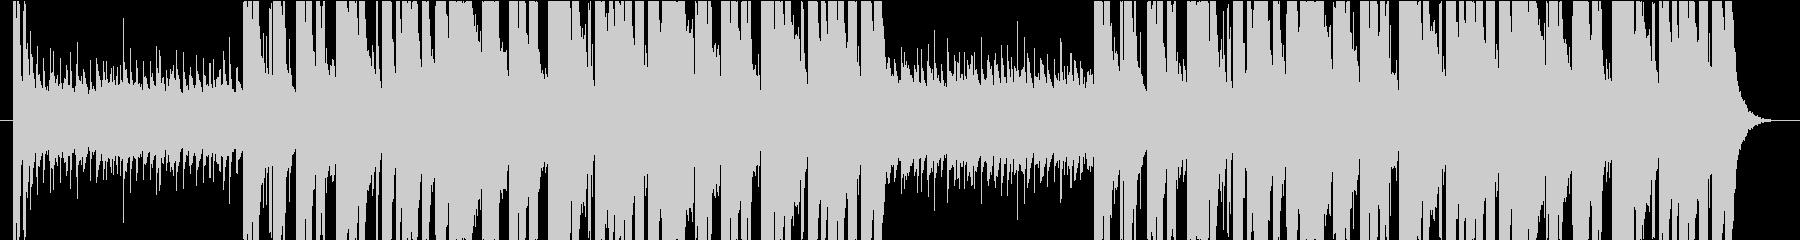 攻撃的なシンセベース・エレクトロロックの未再生の波形